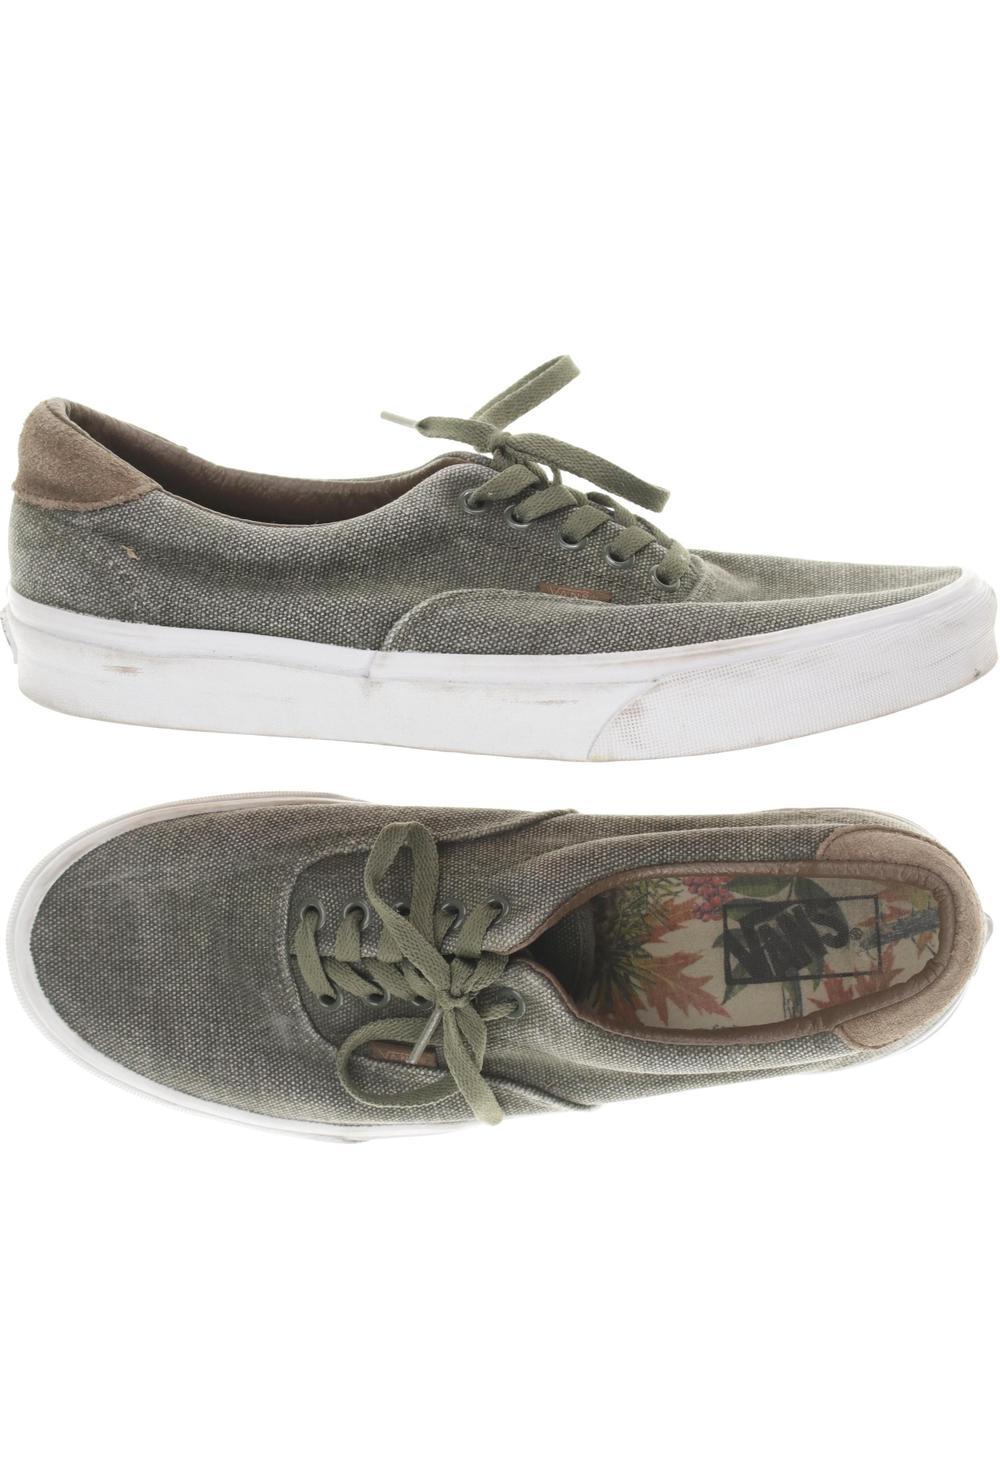 VANS Herren Sneakers UK 10 Second Hand kaufen | ubup